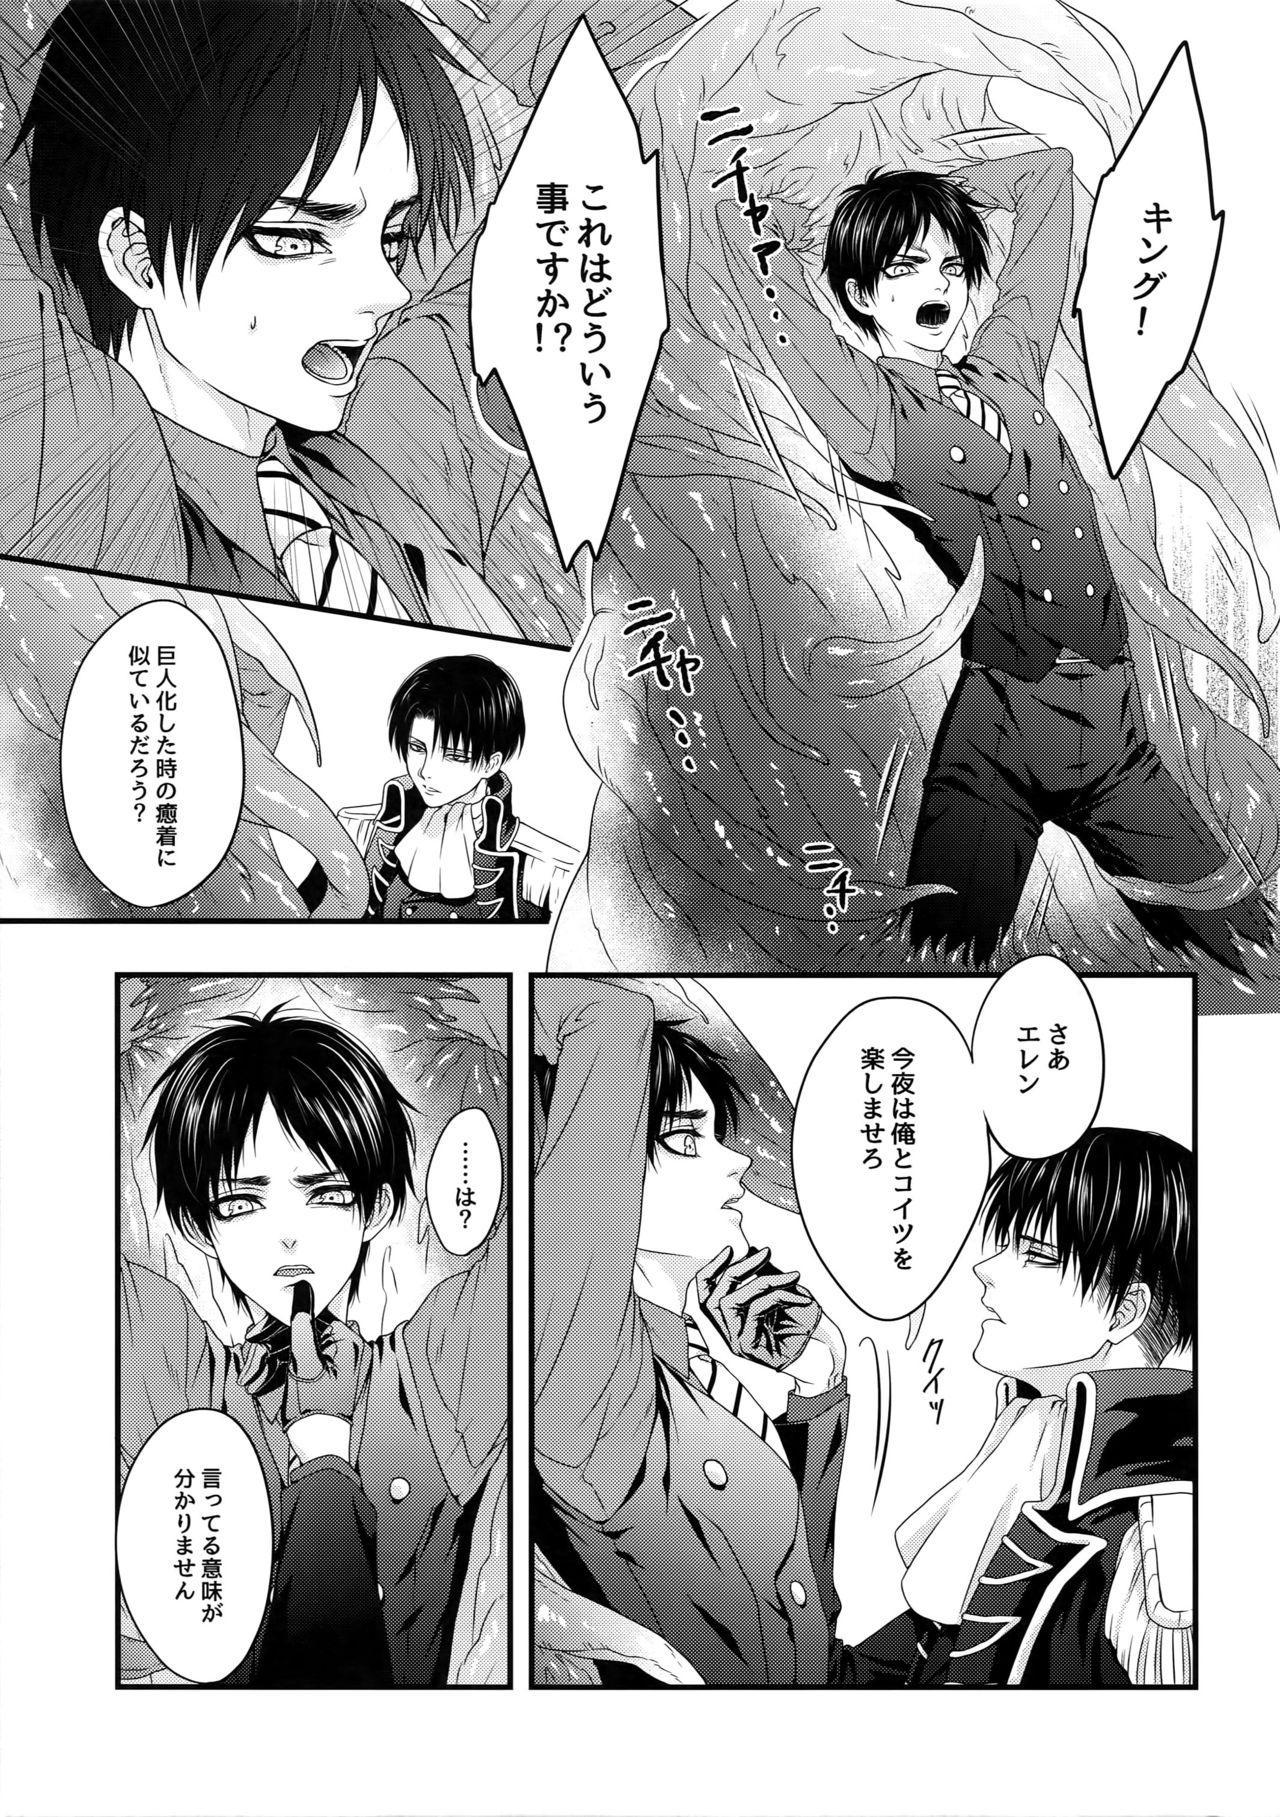 Shinshoku 9